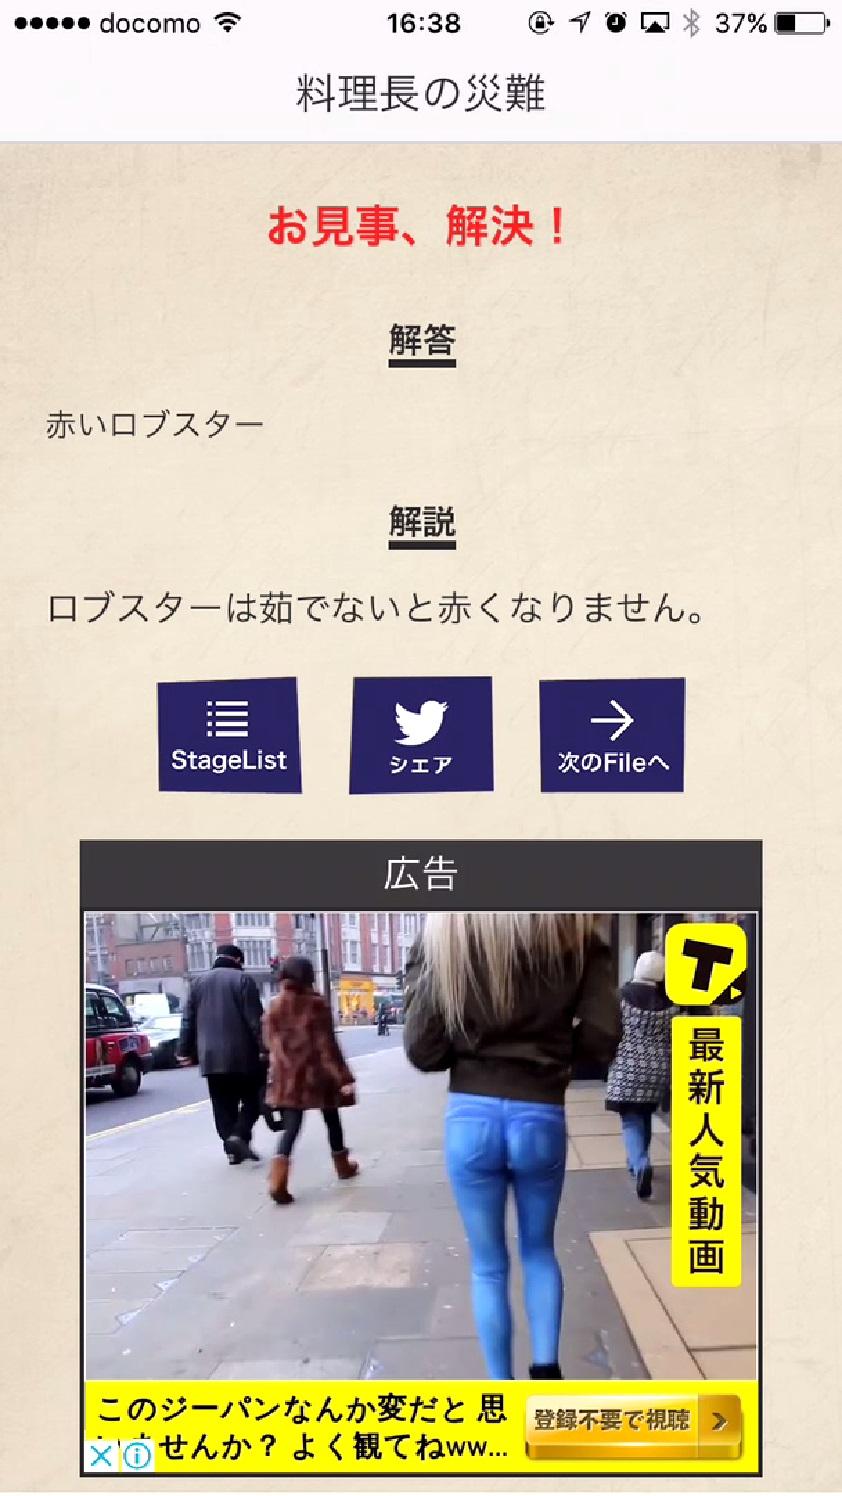 罪と罰2 androidアプリスクリーンショット2